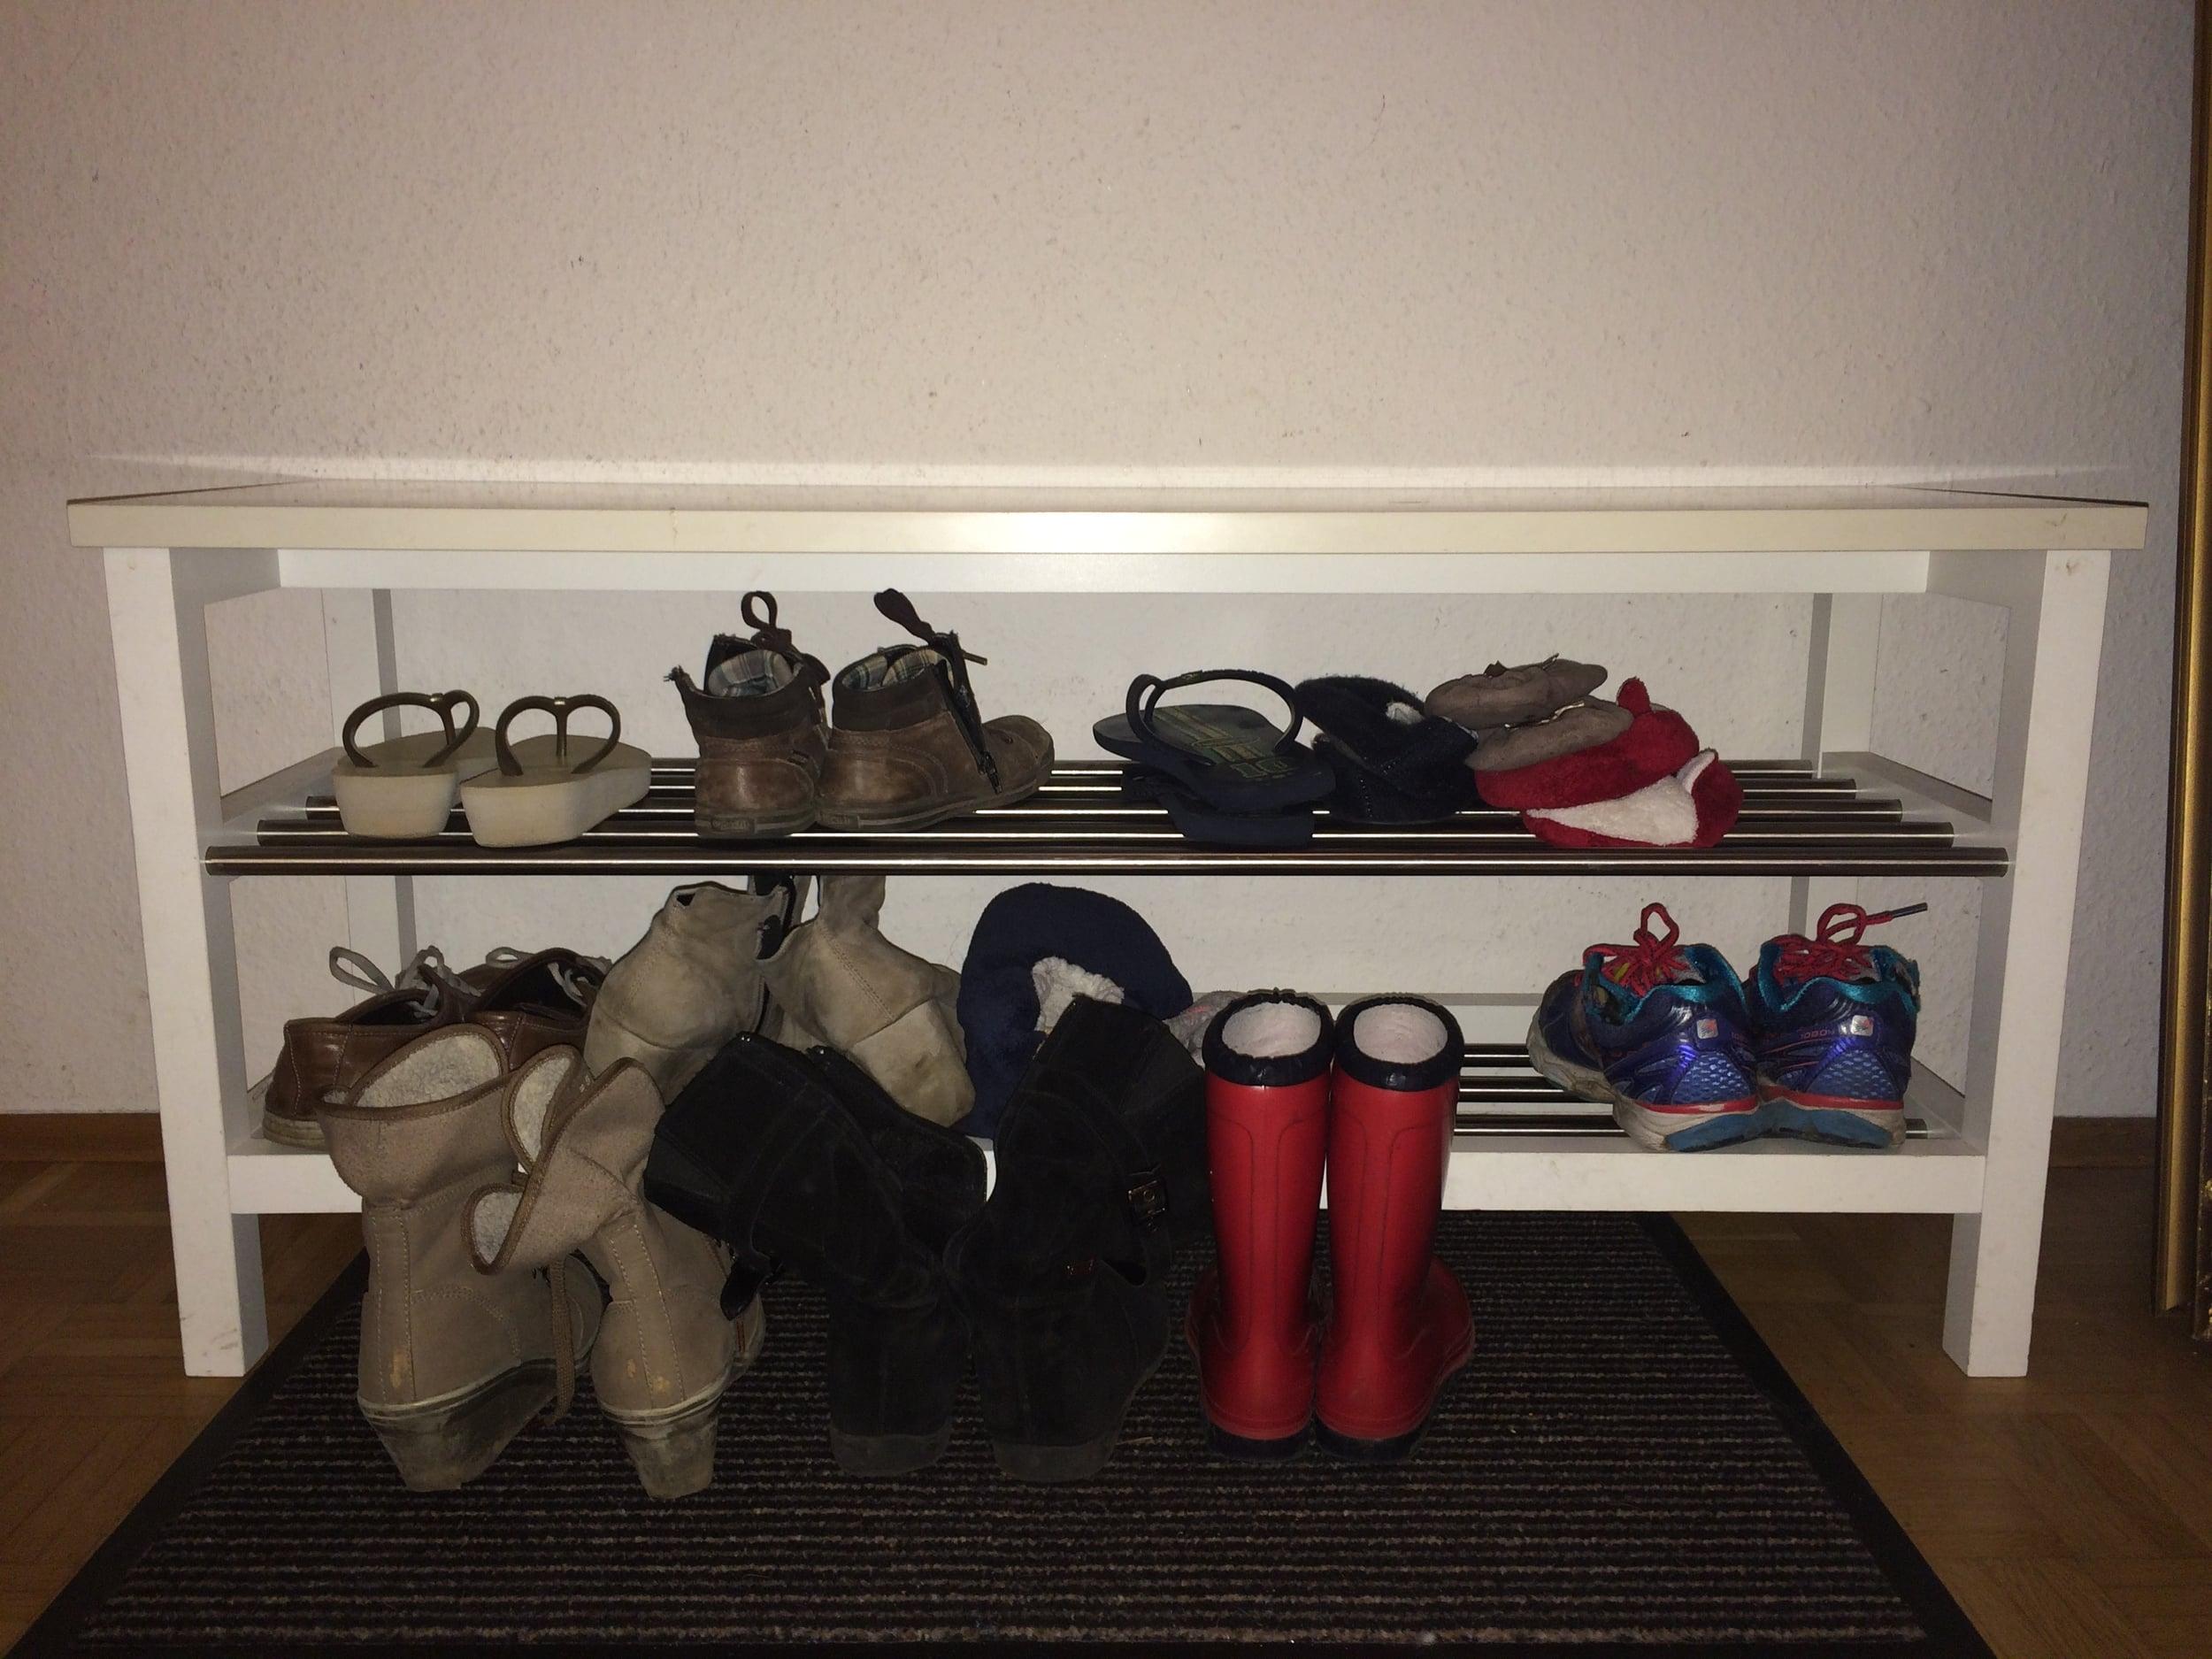 """Esse é o meu banquinho - tem até um tapete """"pega sujeira"""" embaixo. No banquinho ficam os sapatos que a gente mais usa no dia a dia, o resto fica em um sapateiro no quarto."""